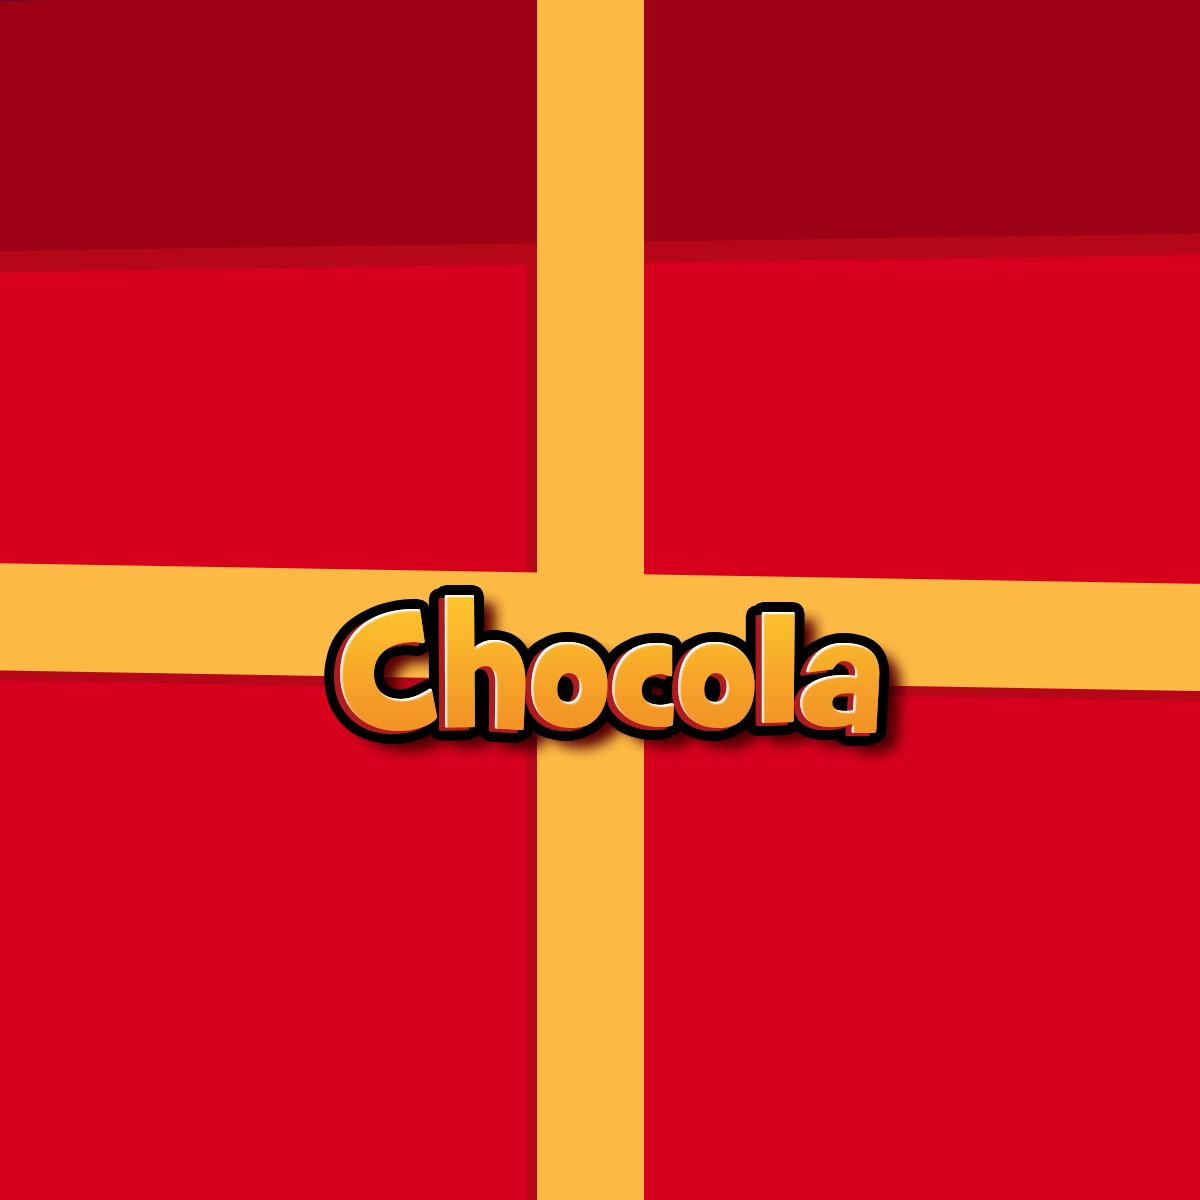 Coole Piet & Danspiet zingt Chocola